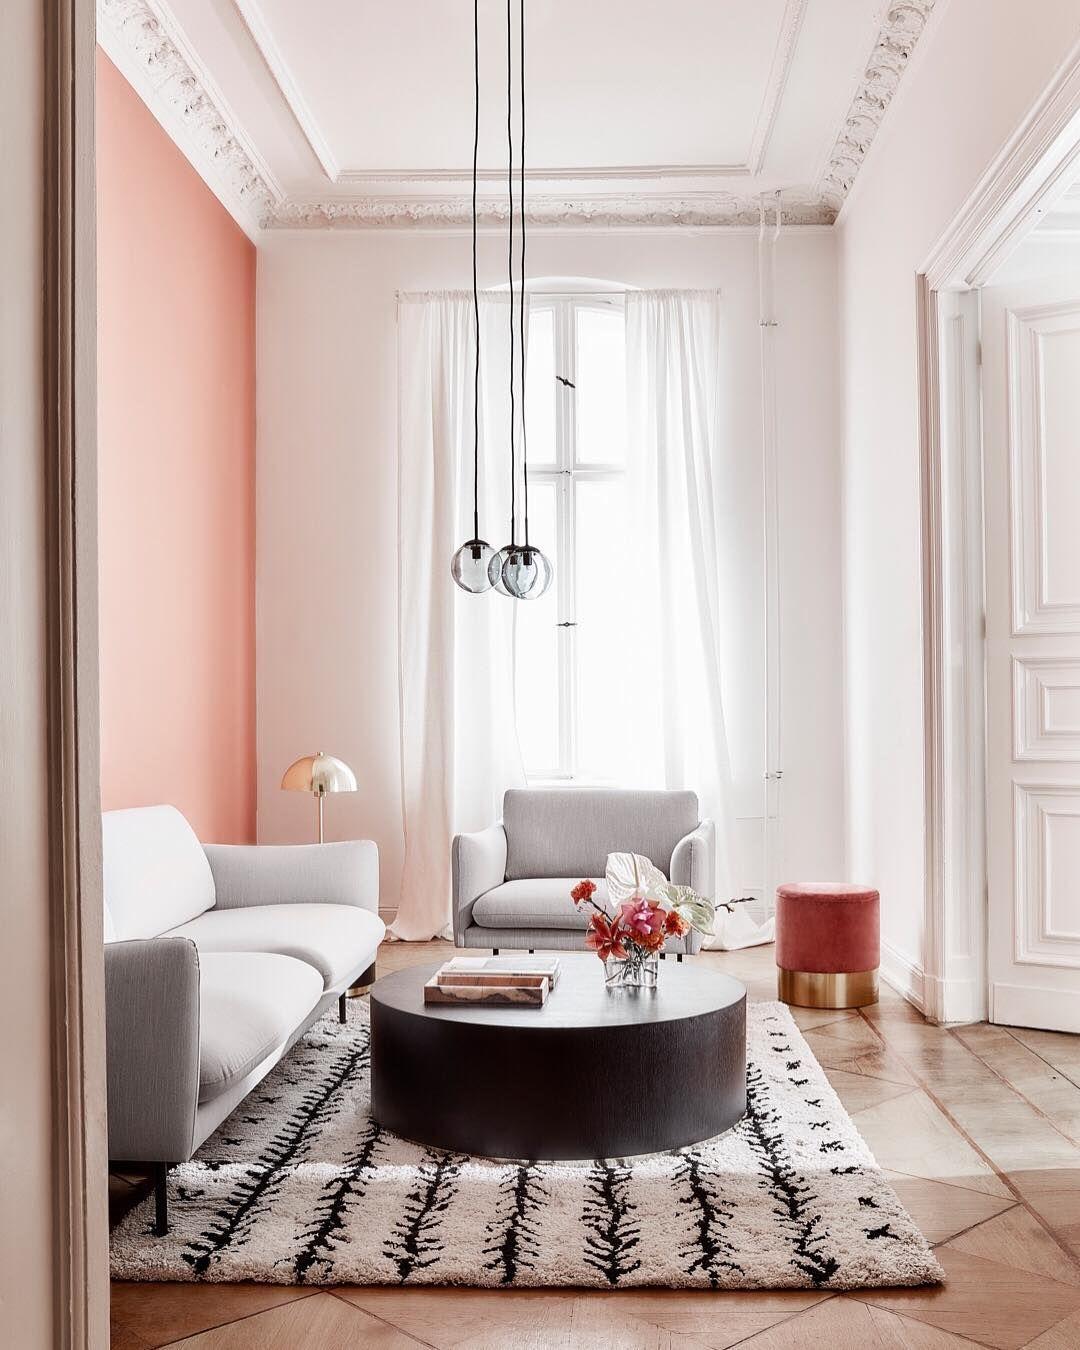 Gemutliche Sofas Flauschige Teppiche Und Stylische Leuchten Findet